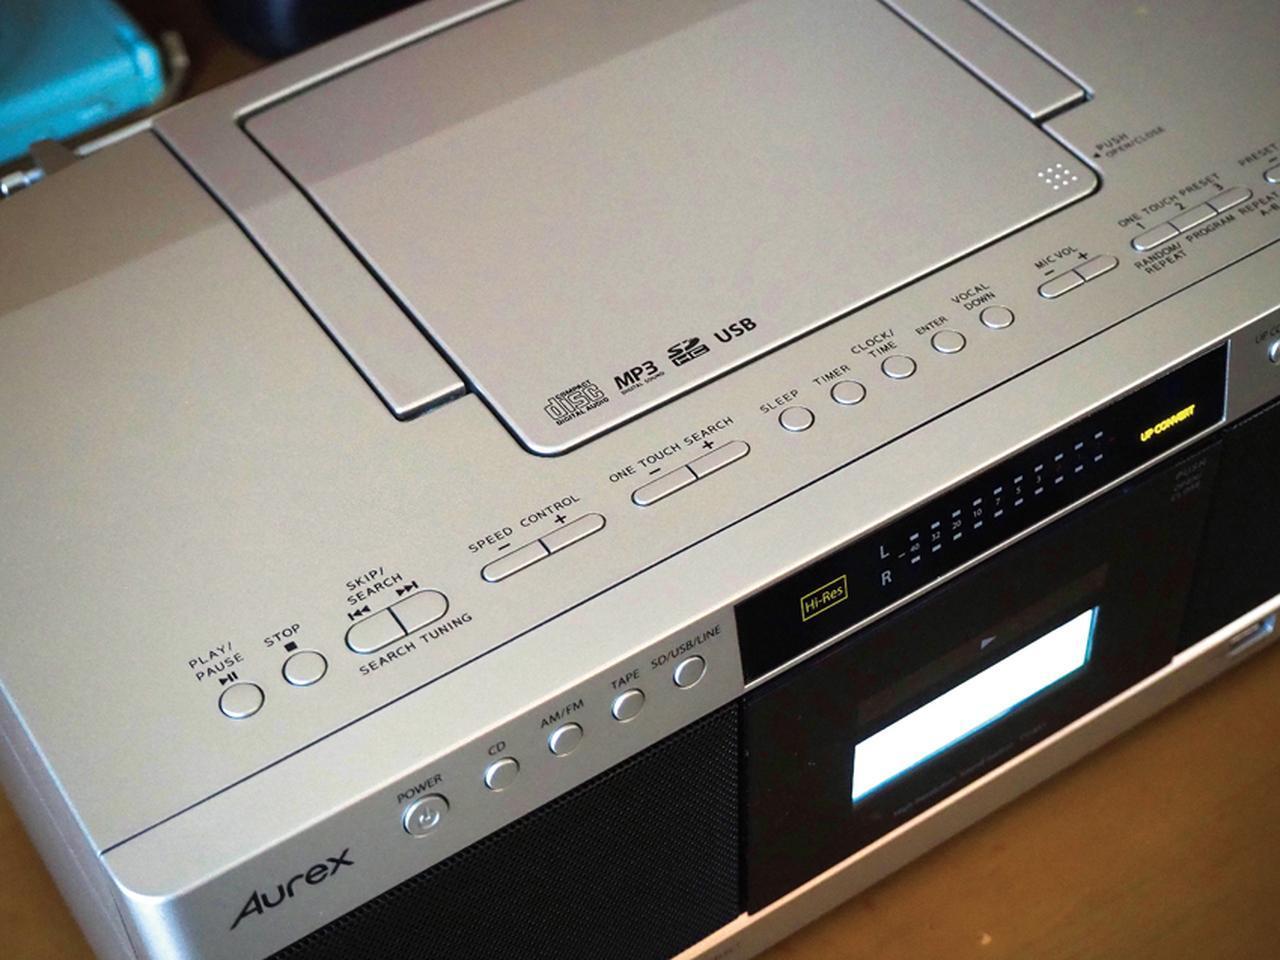 画像: 天面部分にCDドライブを備え、その手前に再生操作のためのボタンが並んでいる。